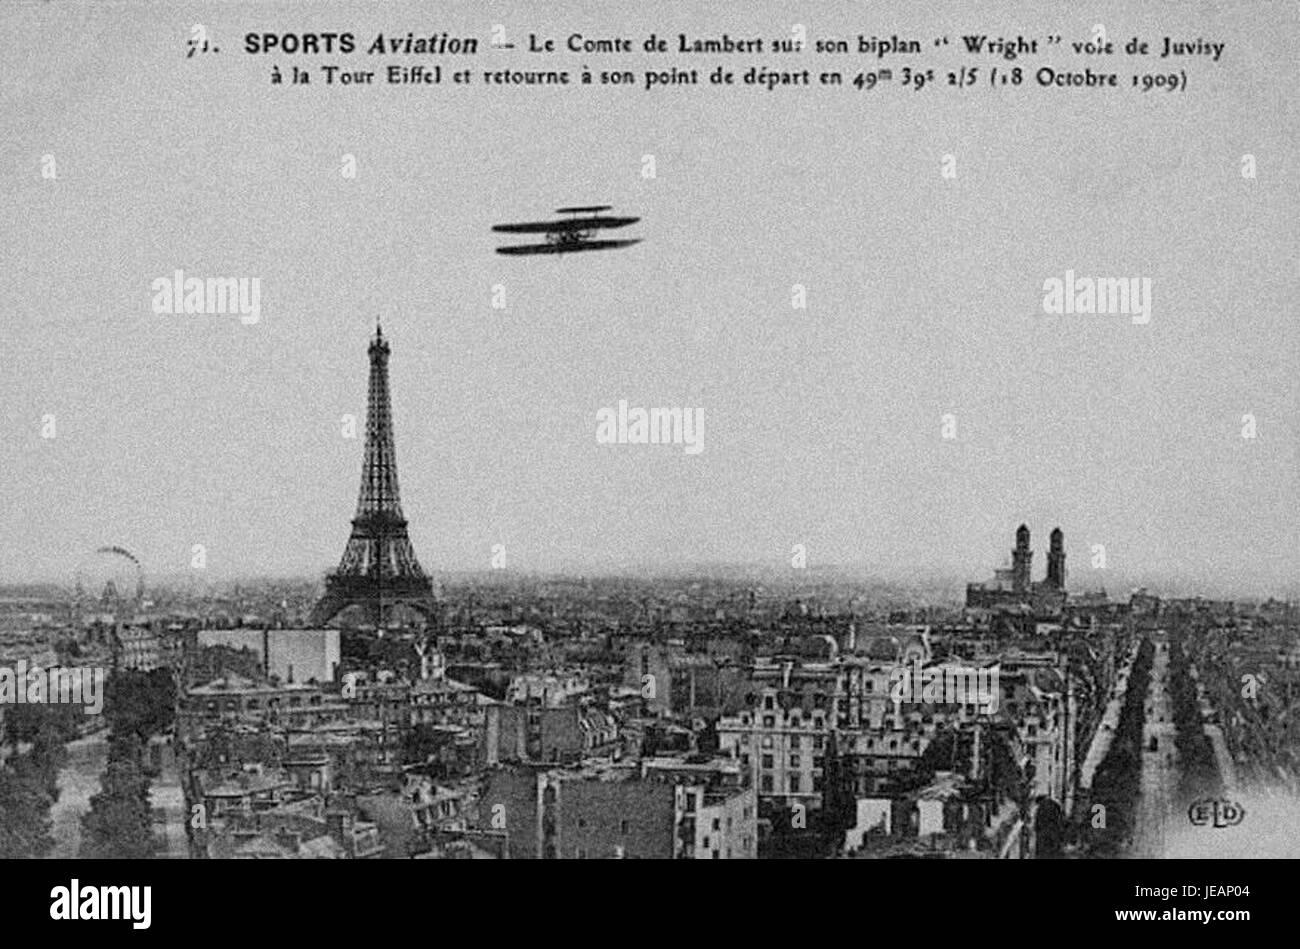 Carlos Alexandre, Conde de Lambert sobrevoando una Torre Eiffel non Wrigth biplano, 18 de Outubro de 1909 Foto Stock